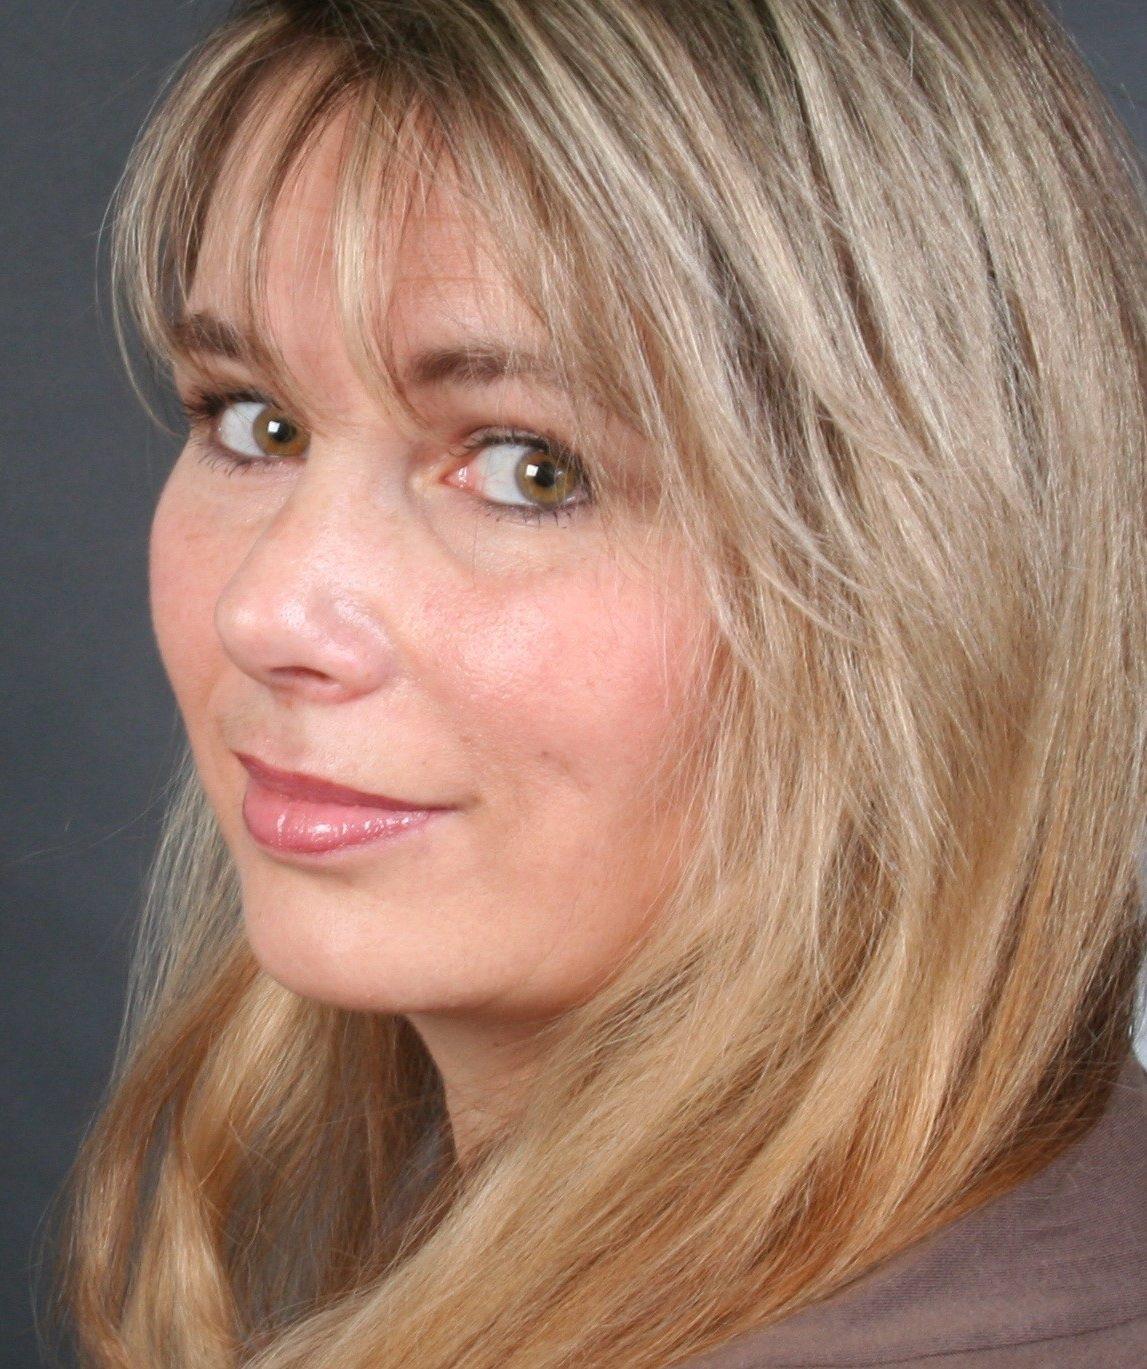 Jeannette Hartmann